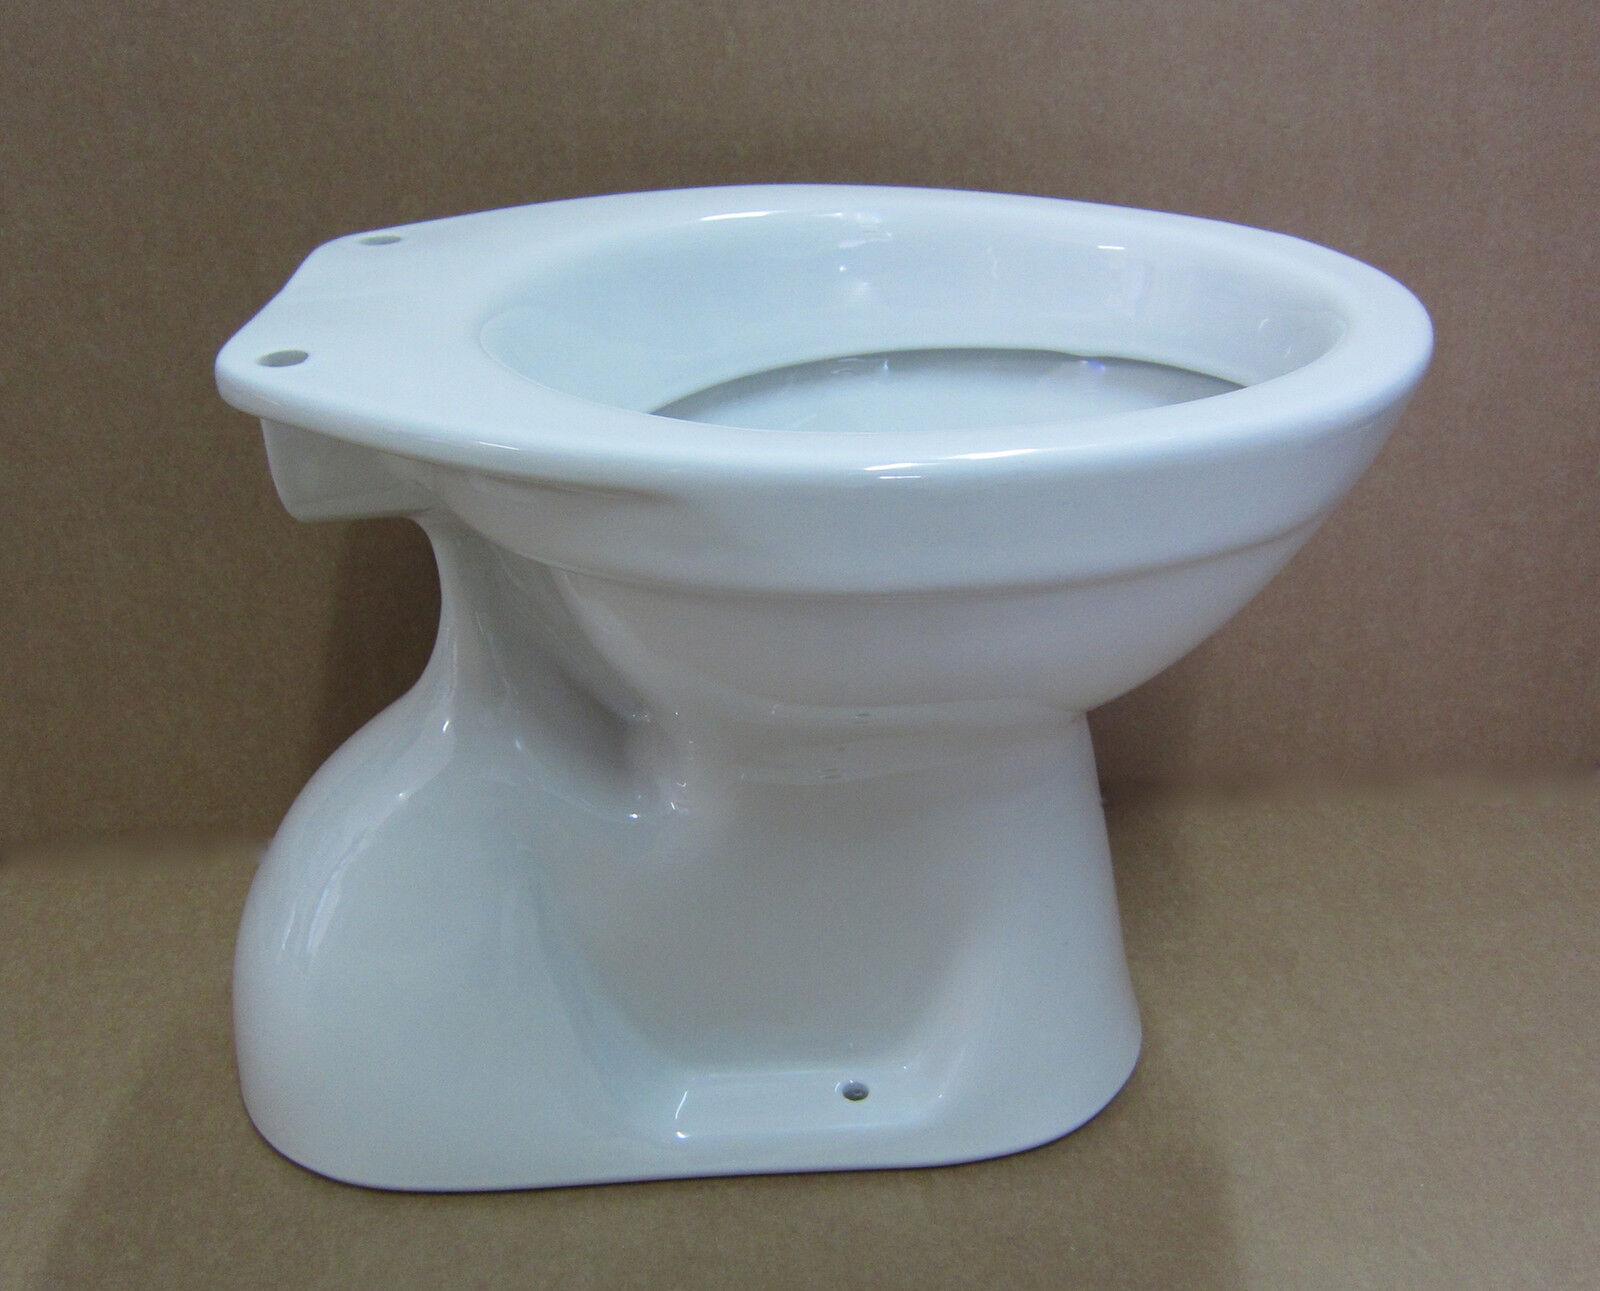 Stand wc tiefspüler abgang innen senkrecht weiss incl befestigung toilette tief